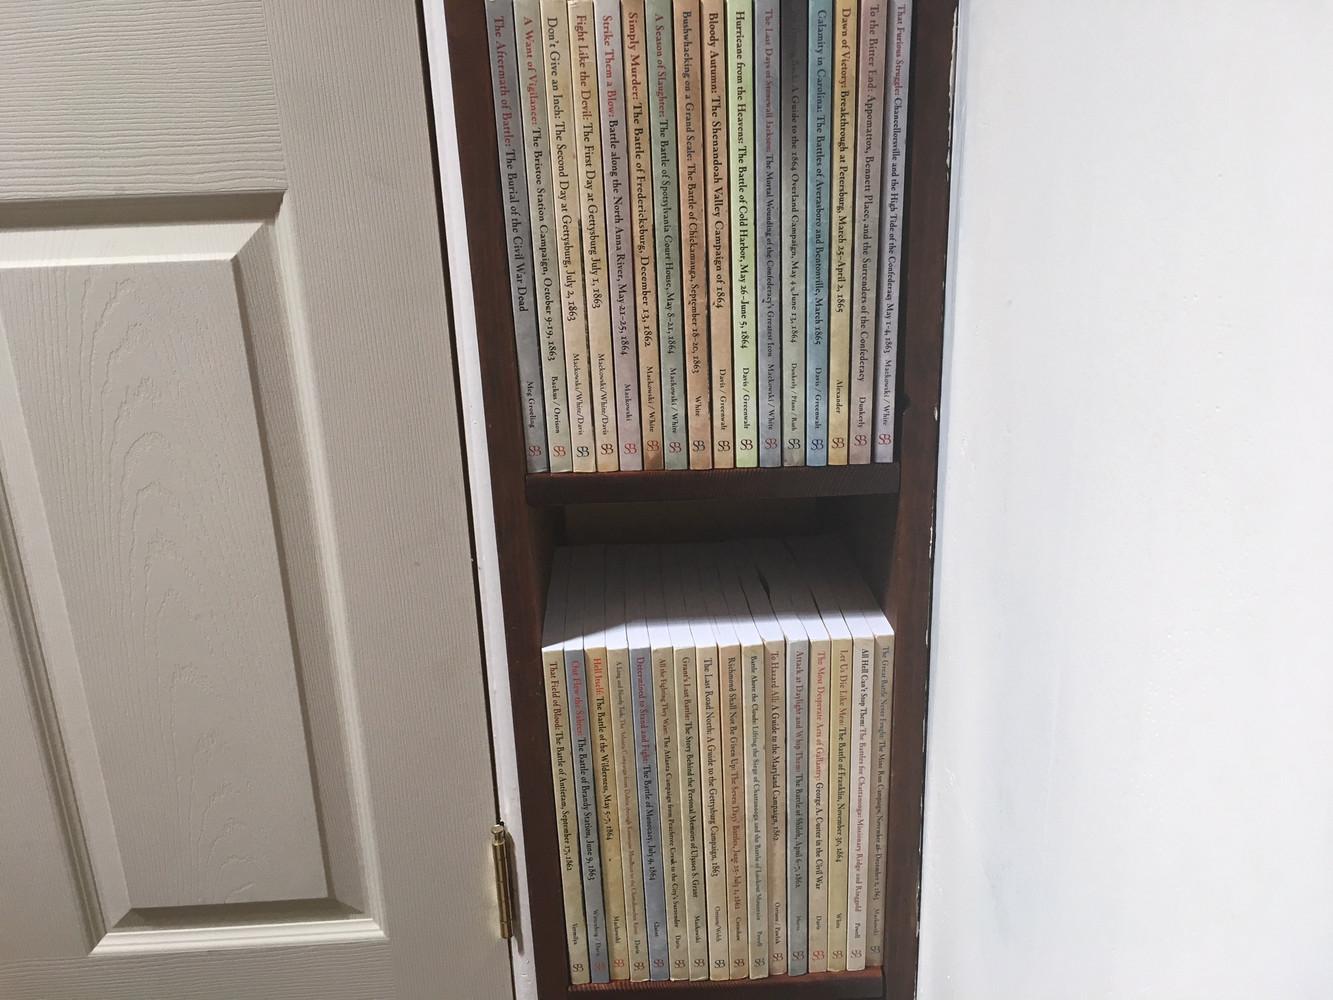 ECW Series Shelves Part 2